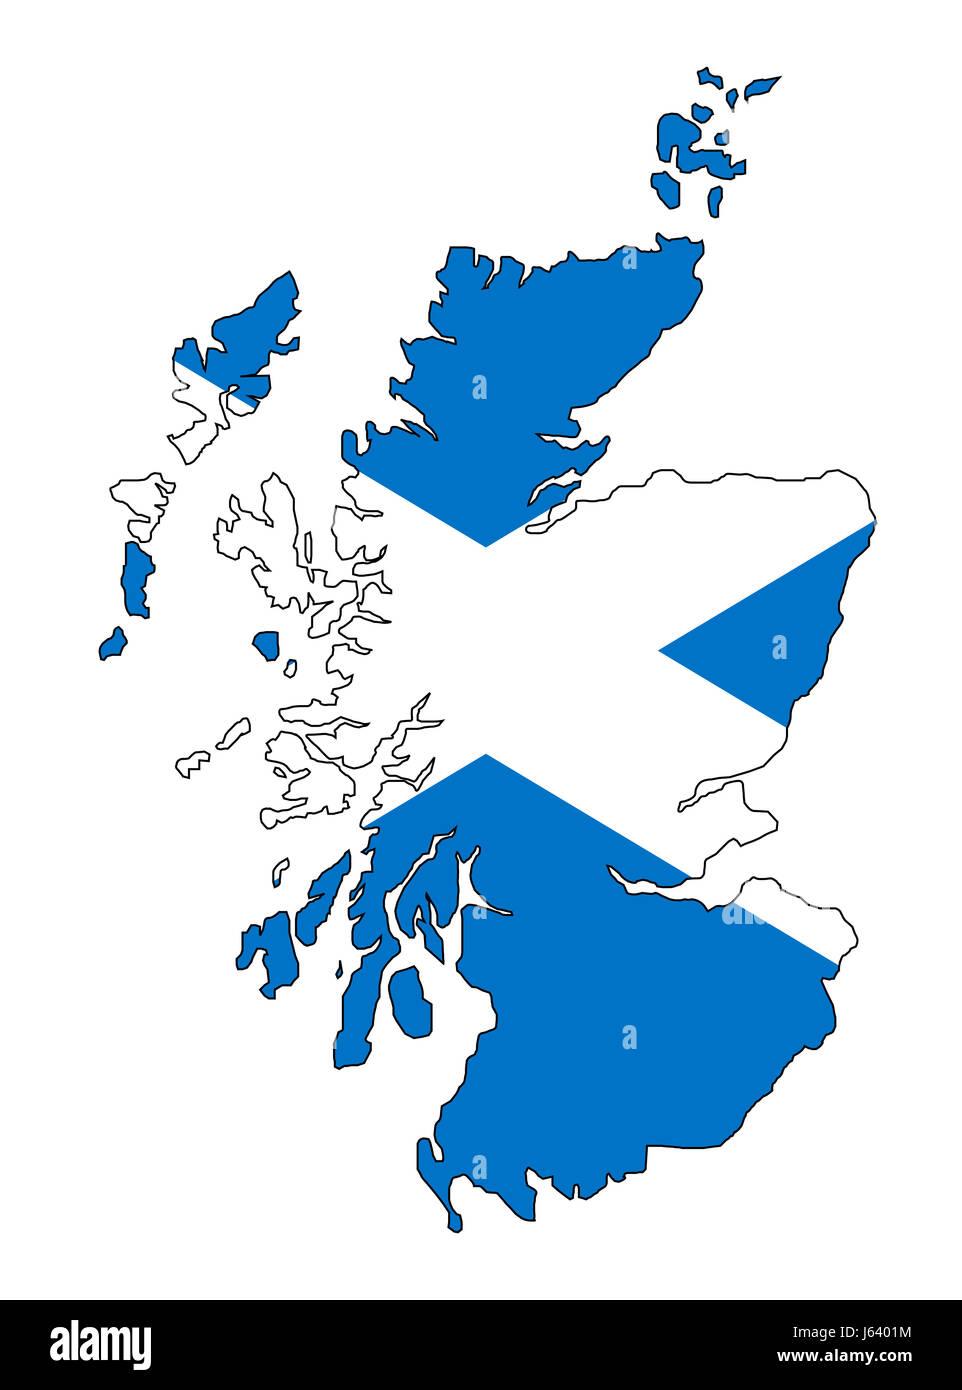 Europe flag scotland united kingdom glasgow edinburgh map atlas europe flag scotland united kingdom glasgow edinburgh map atlas map of the gumiabroncs Choice Image